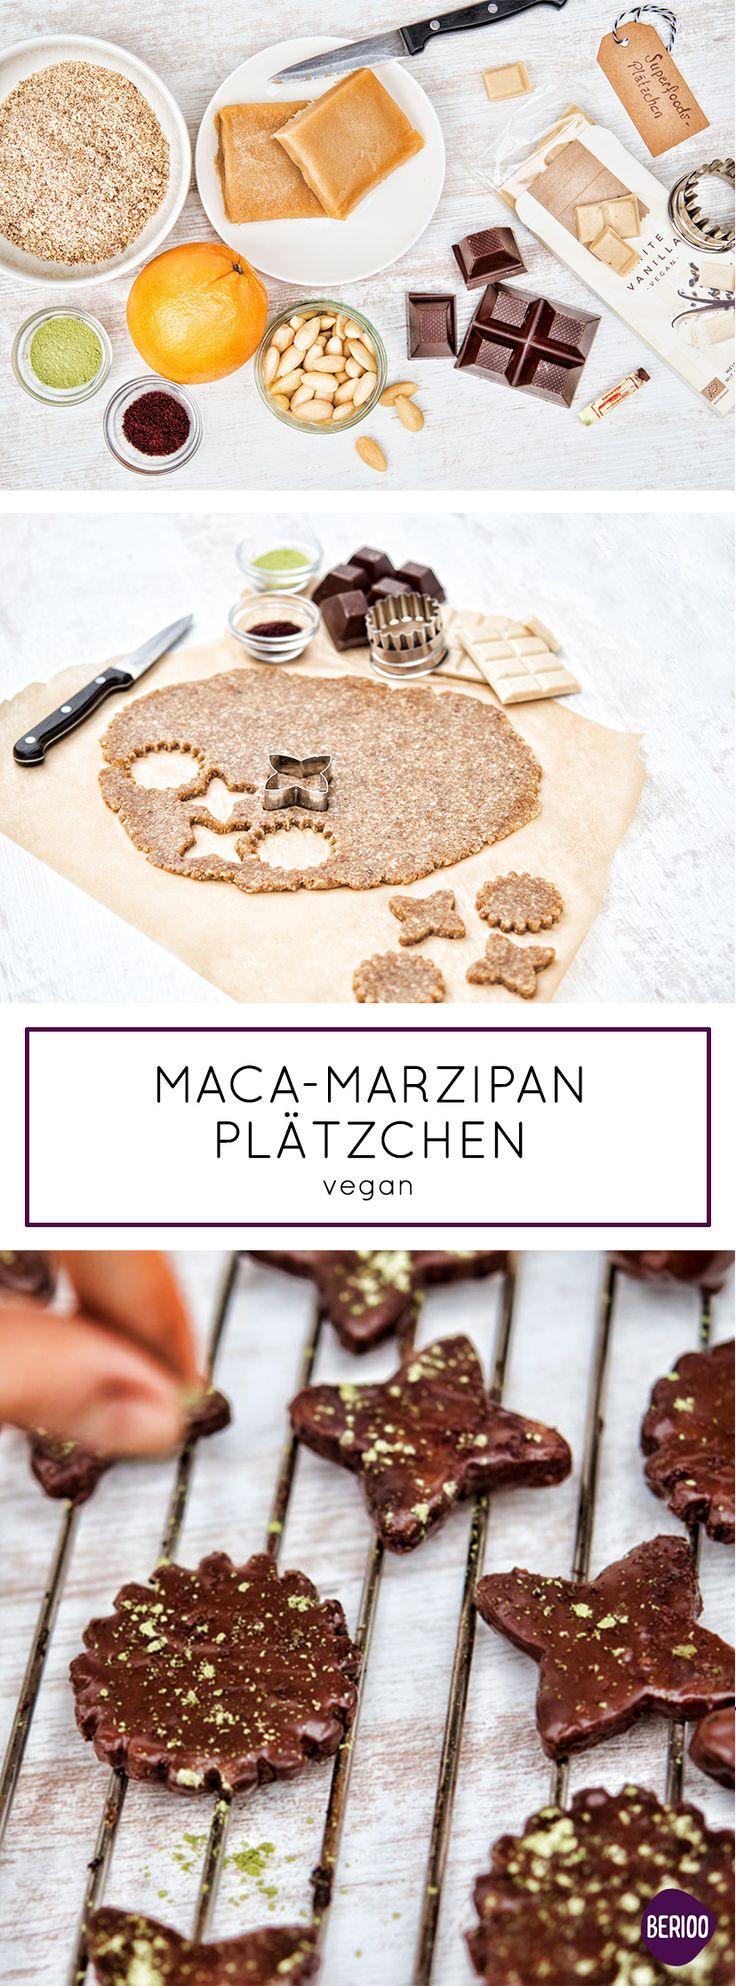 Weihnachtszeit ist Plätzchenzeit. Deshalb gibt es heute ein tolles  Superfood Plätzchen / Keks Rezept mit Maca Pulver und Marzipan, welches  nicht gebacken werden muss (no bake) und zudem glutenfrei und vegan ist!  Die Zutaten und das Rezept findet ihr auf unserer Website www.berioo.de